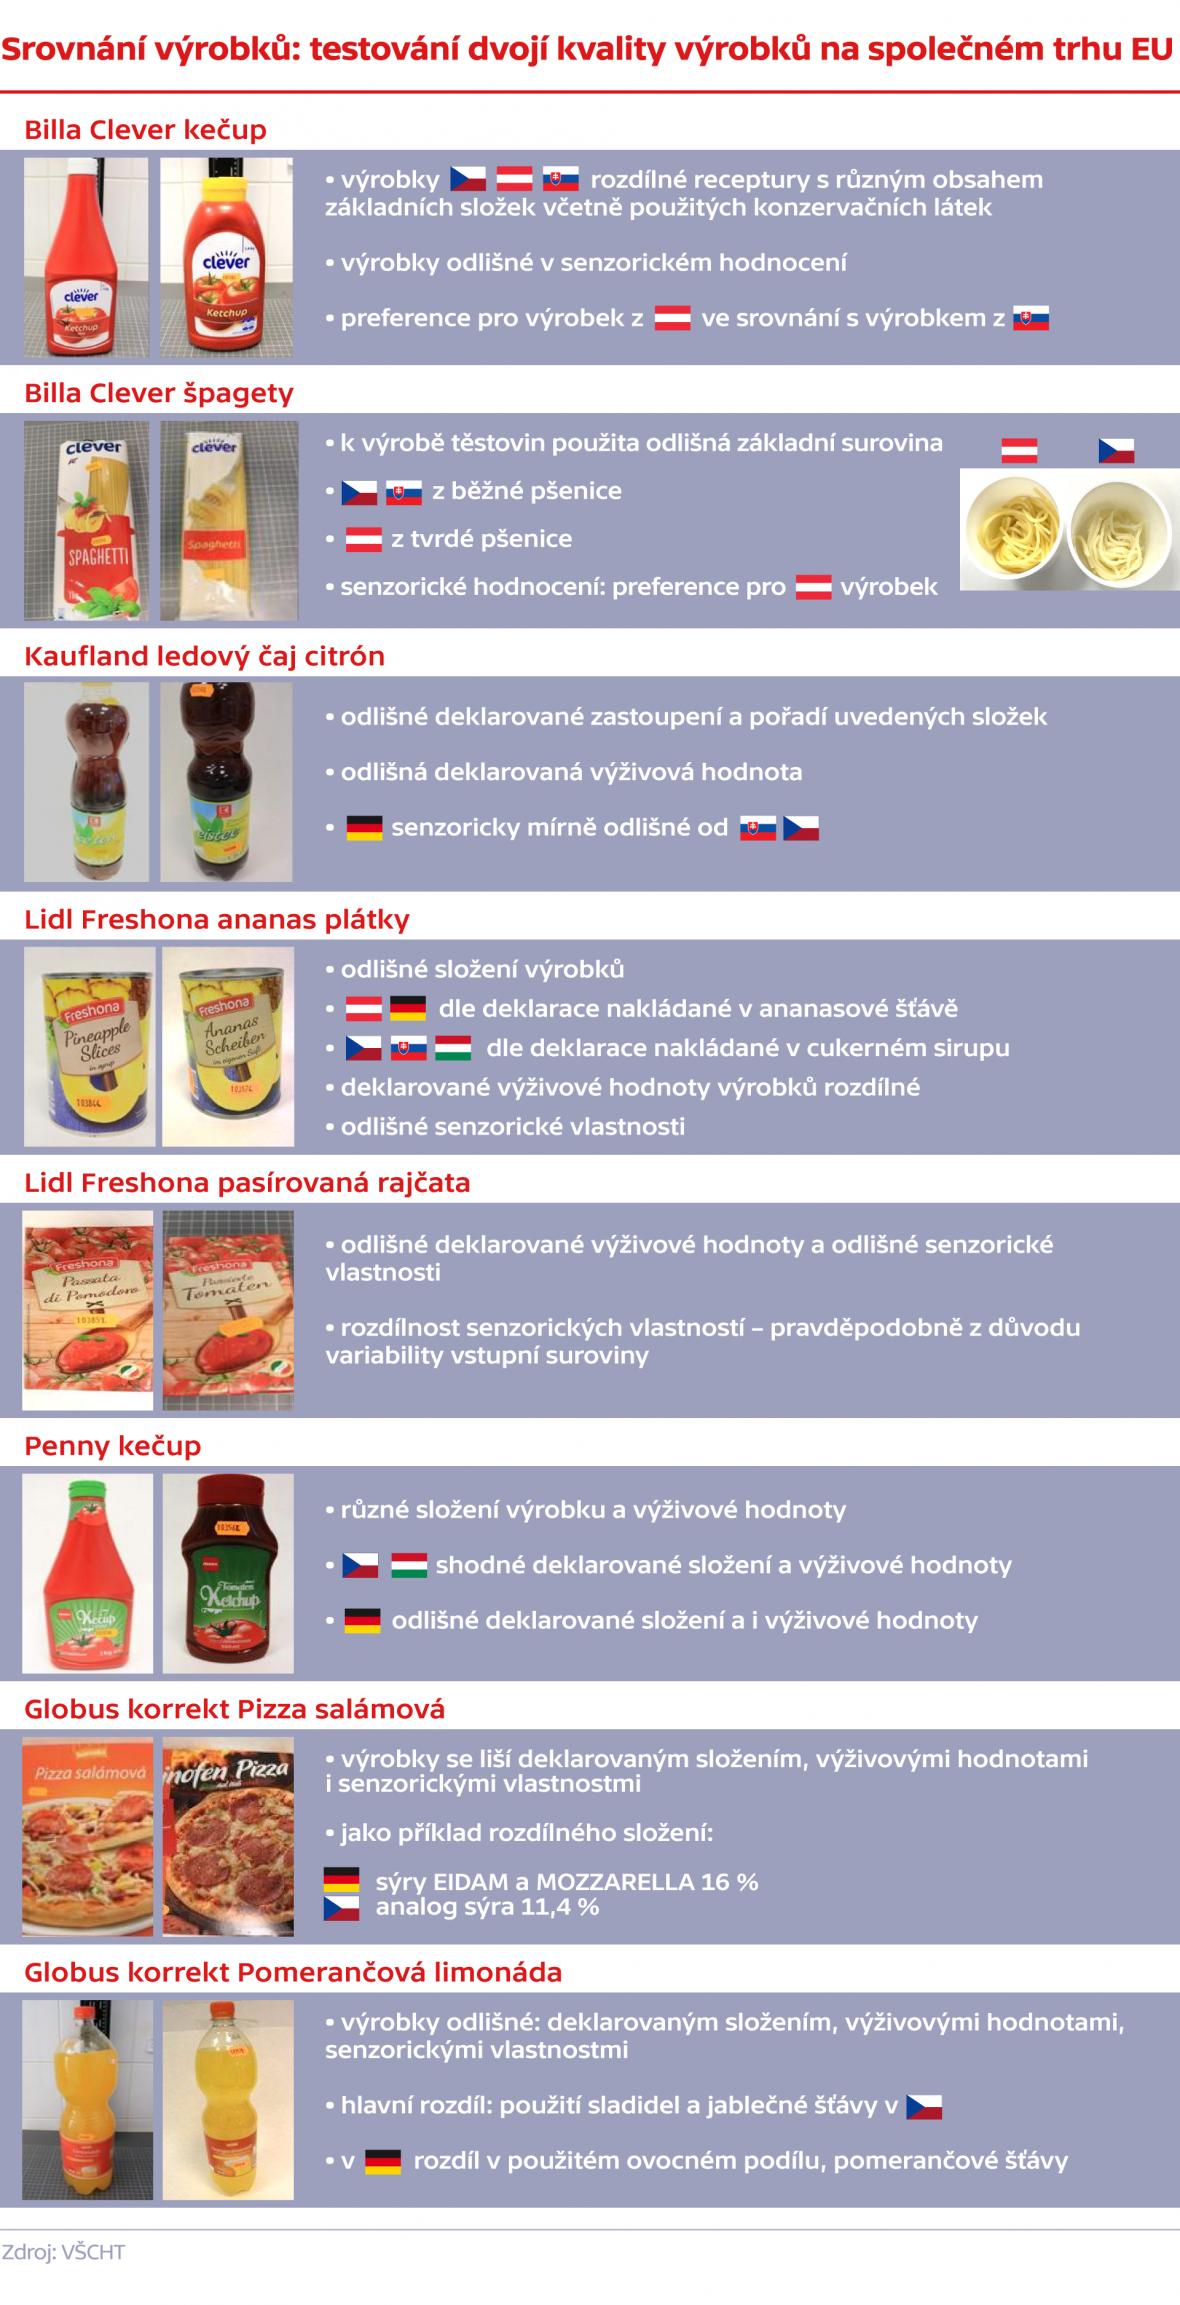 Srovnání výrobků: testování dvojí kvality výrobků na společném trhu EU